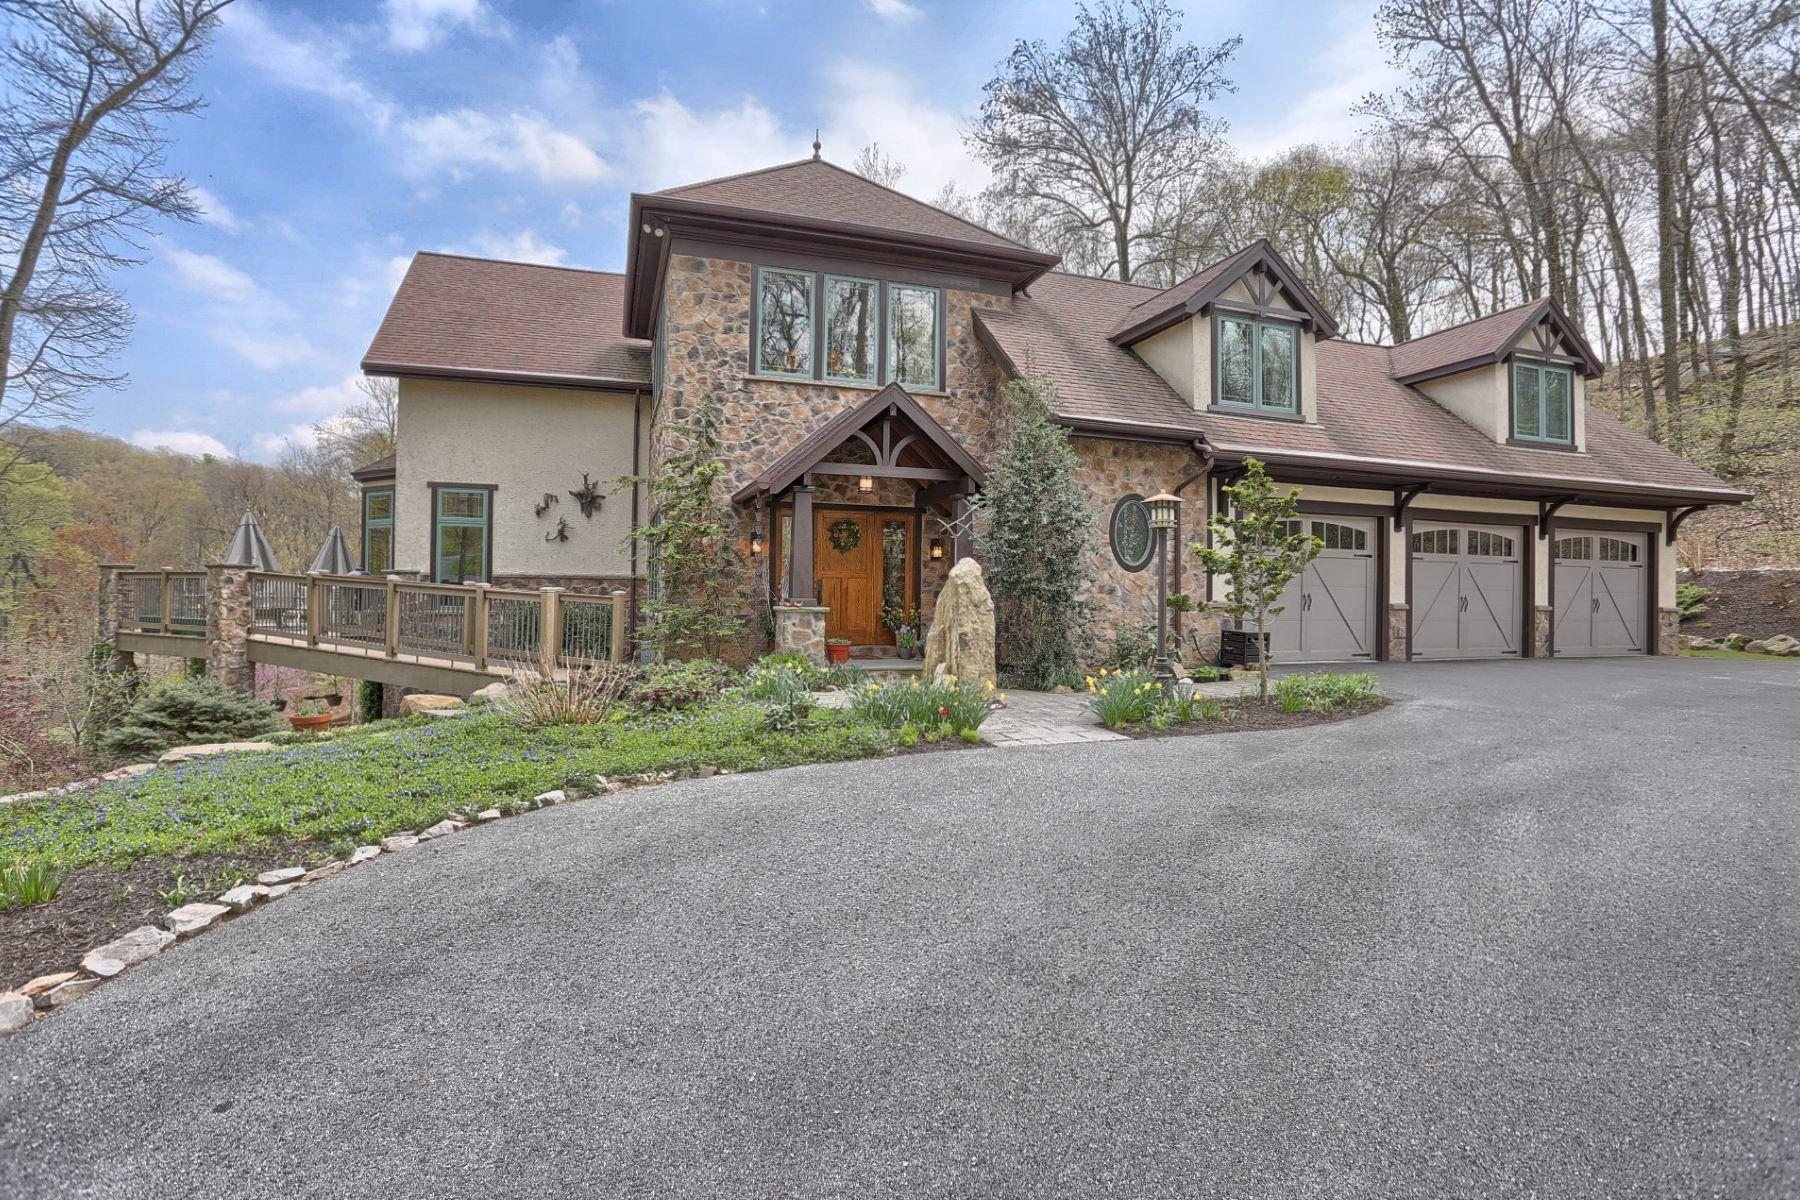 独户住宅 为 销售 在 3 Stone Pond Lane Wernersville, 19565 美国